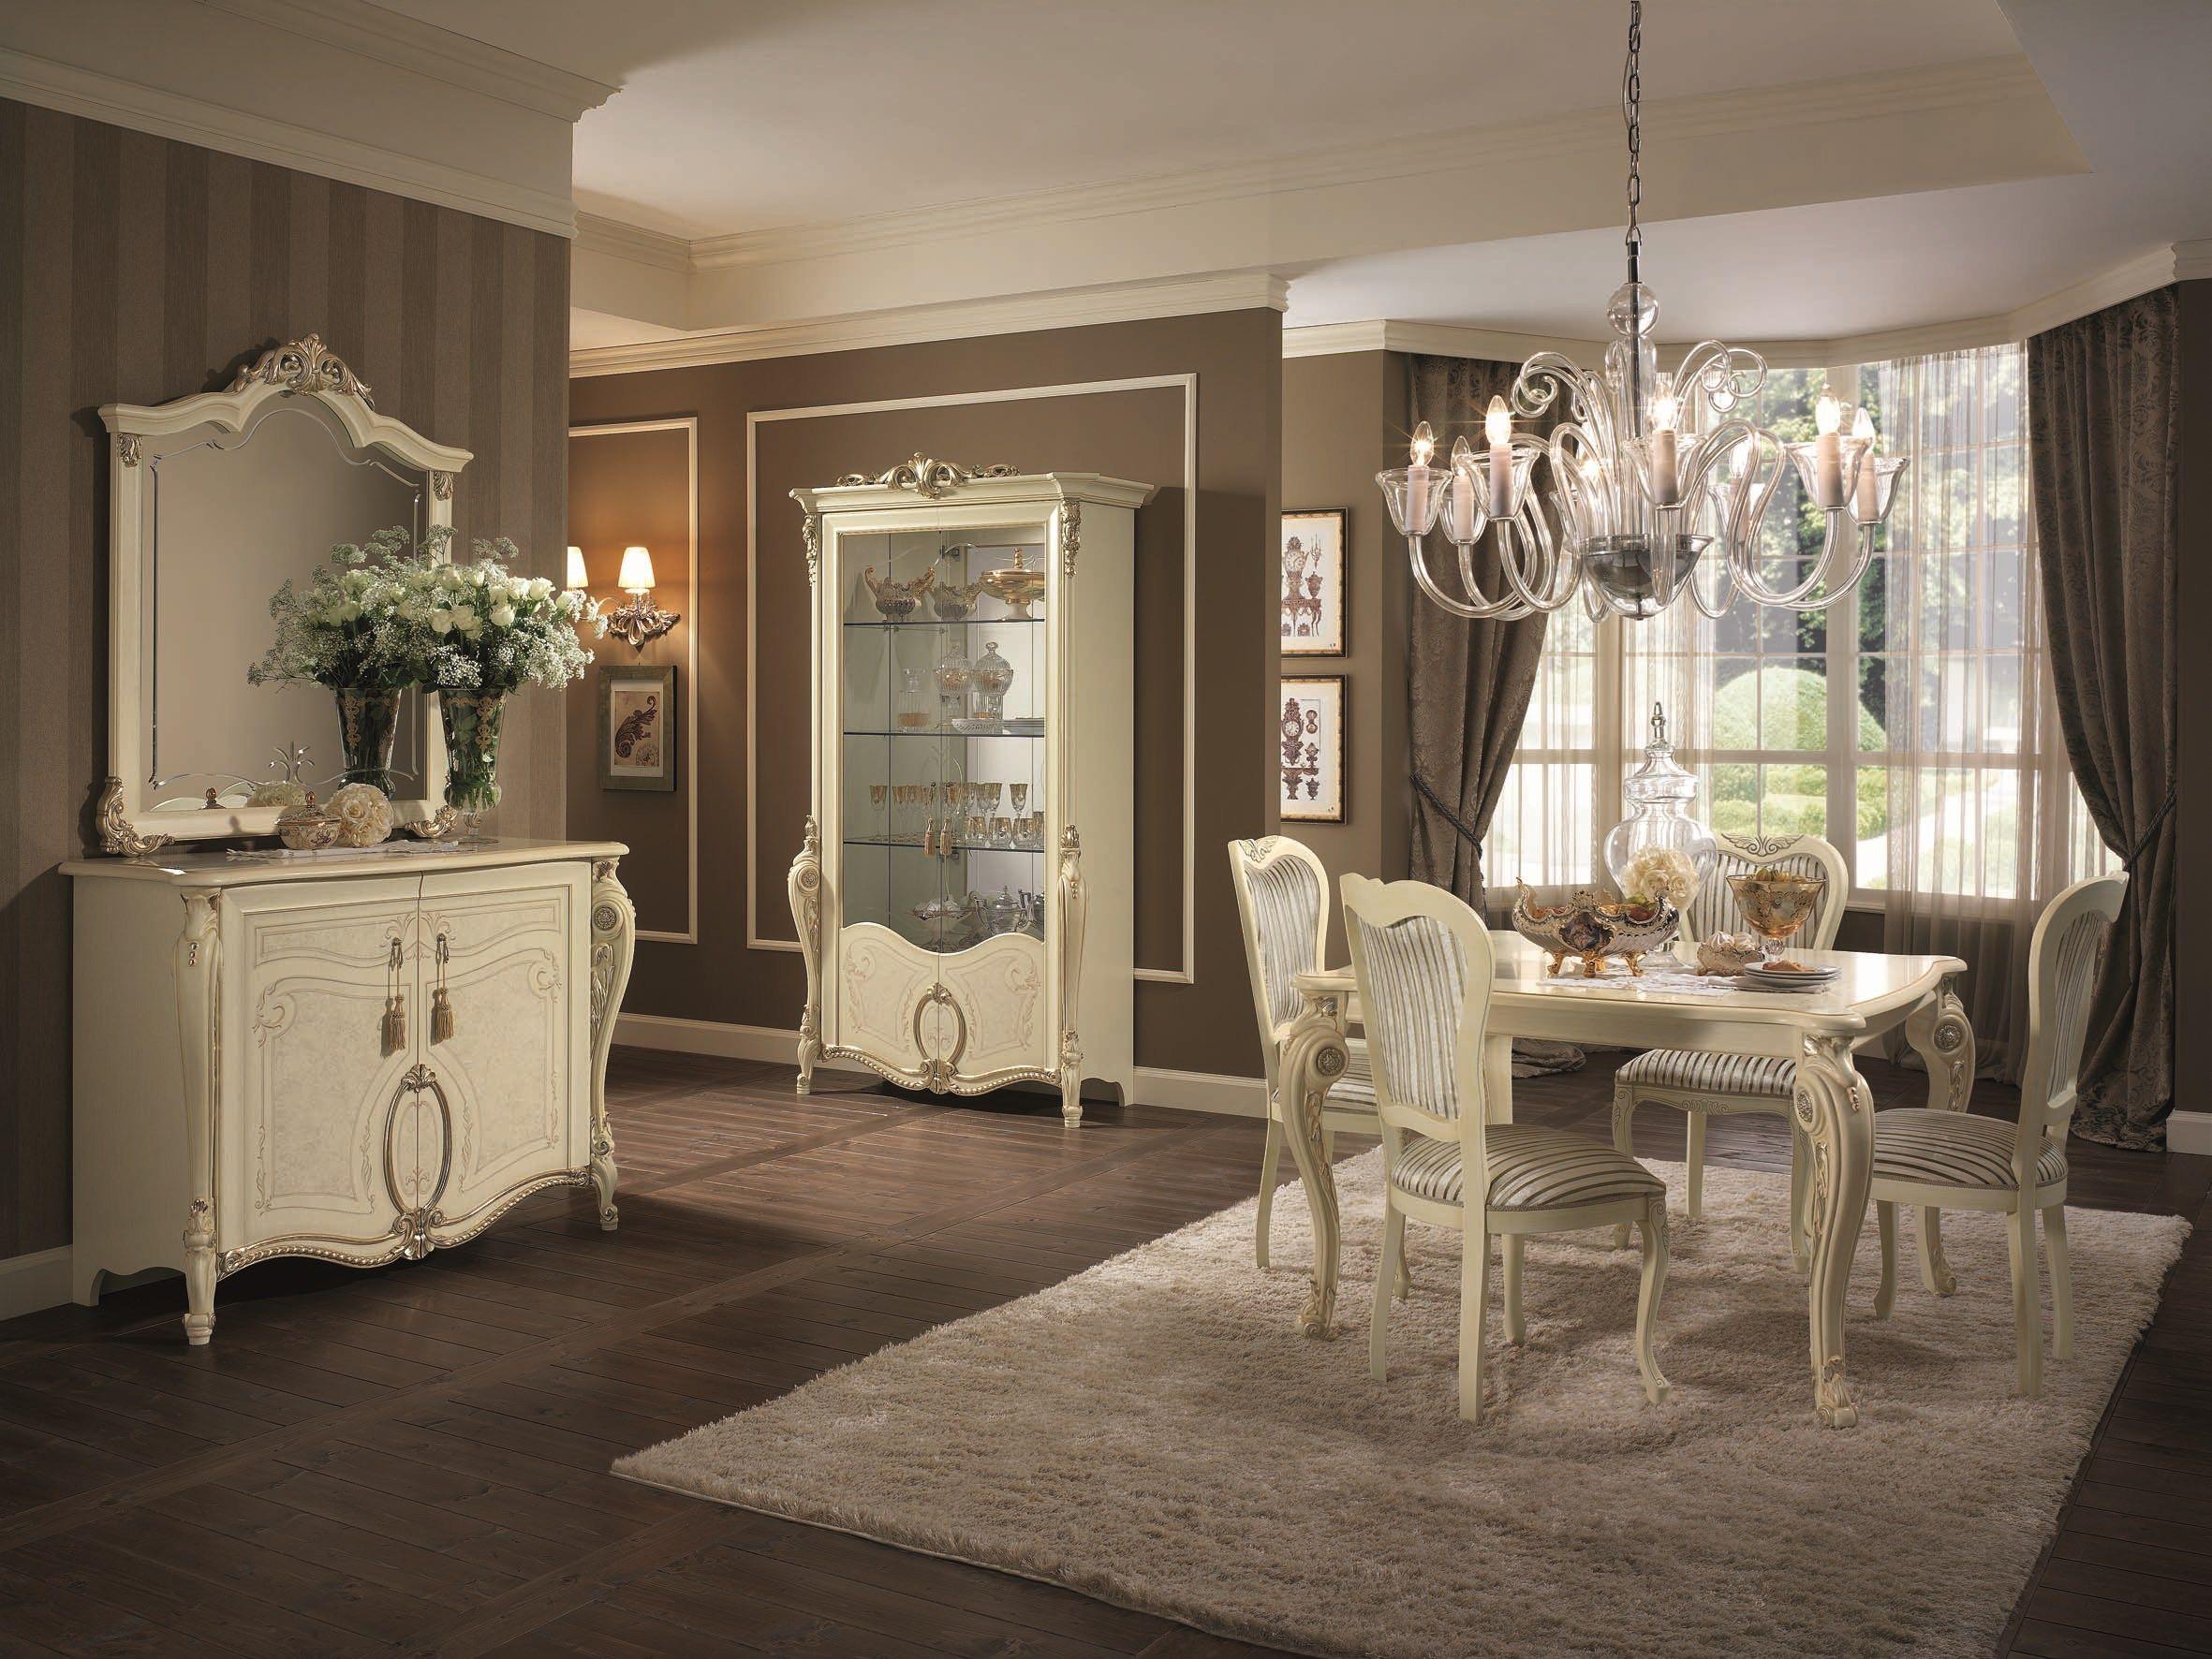 Arredamento Classico Romantico : Tavolo da salotto in stile classico ...